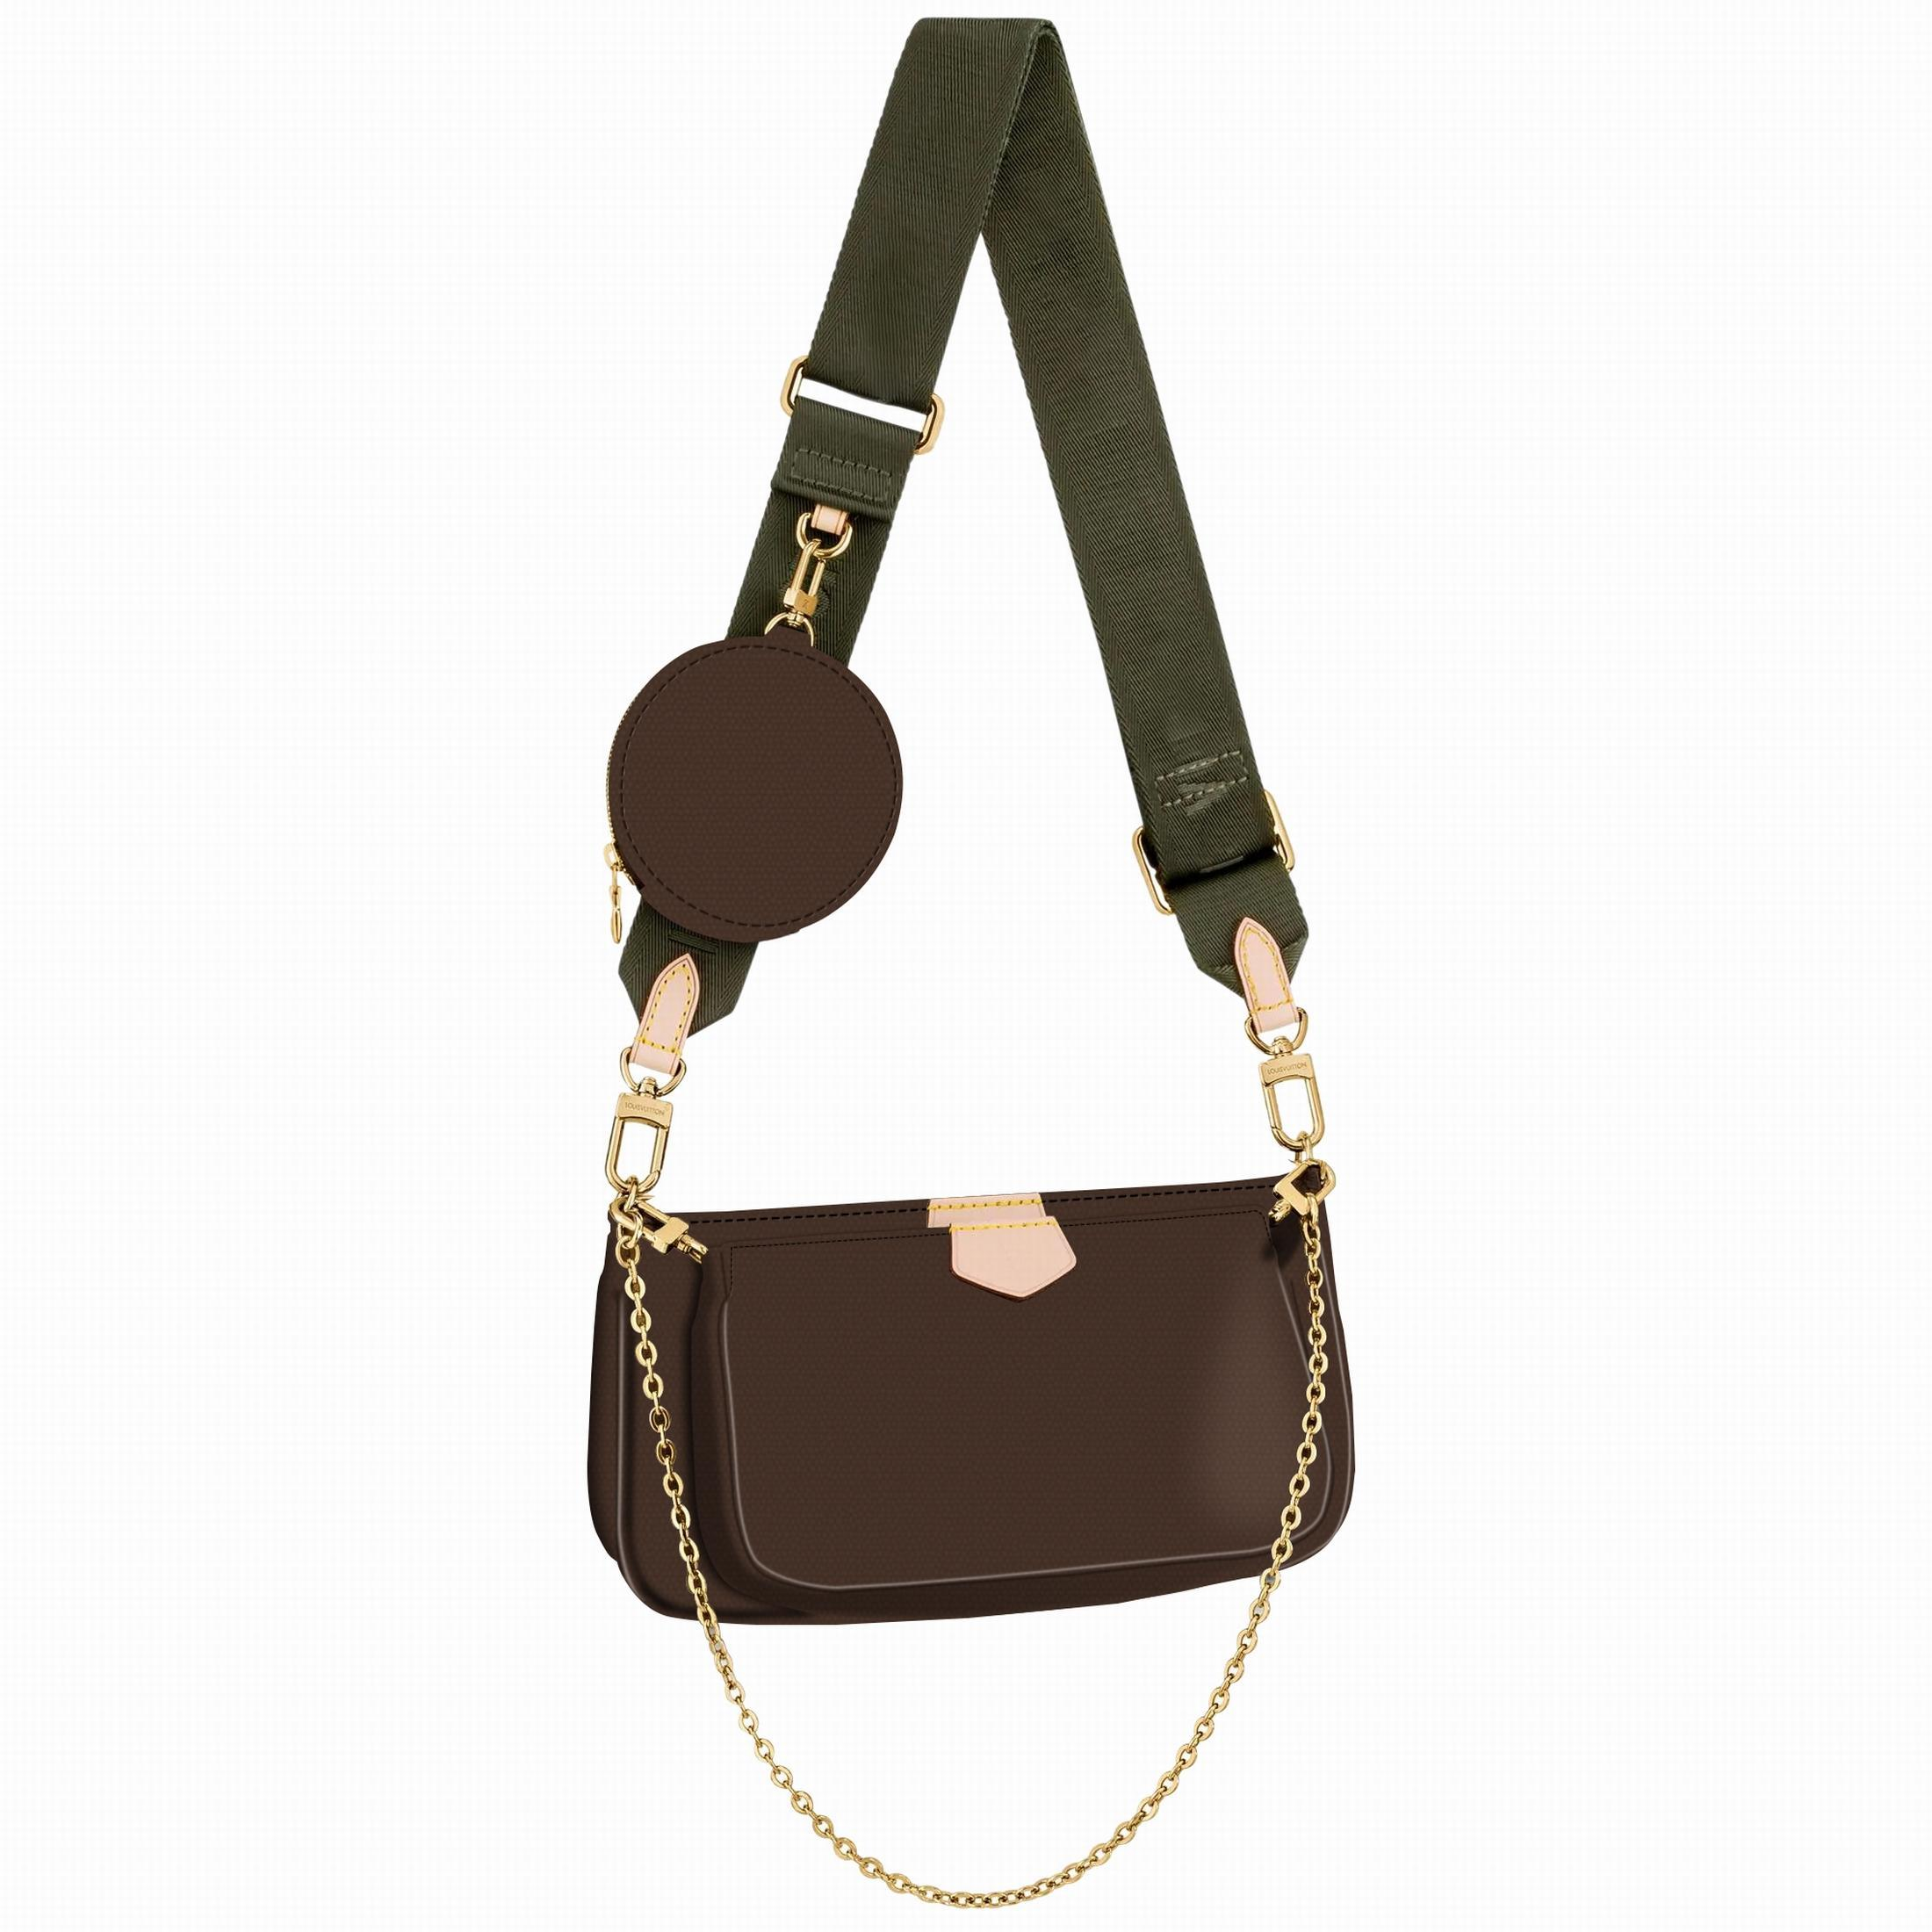 Одиночная сумка на плечо дизайнерская мода сумка из трех частей комбинированные сумки M44813